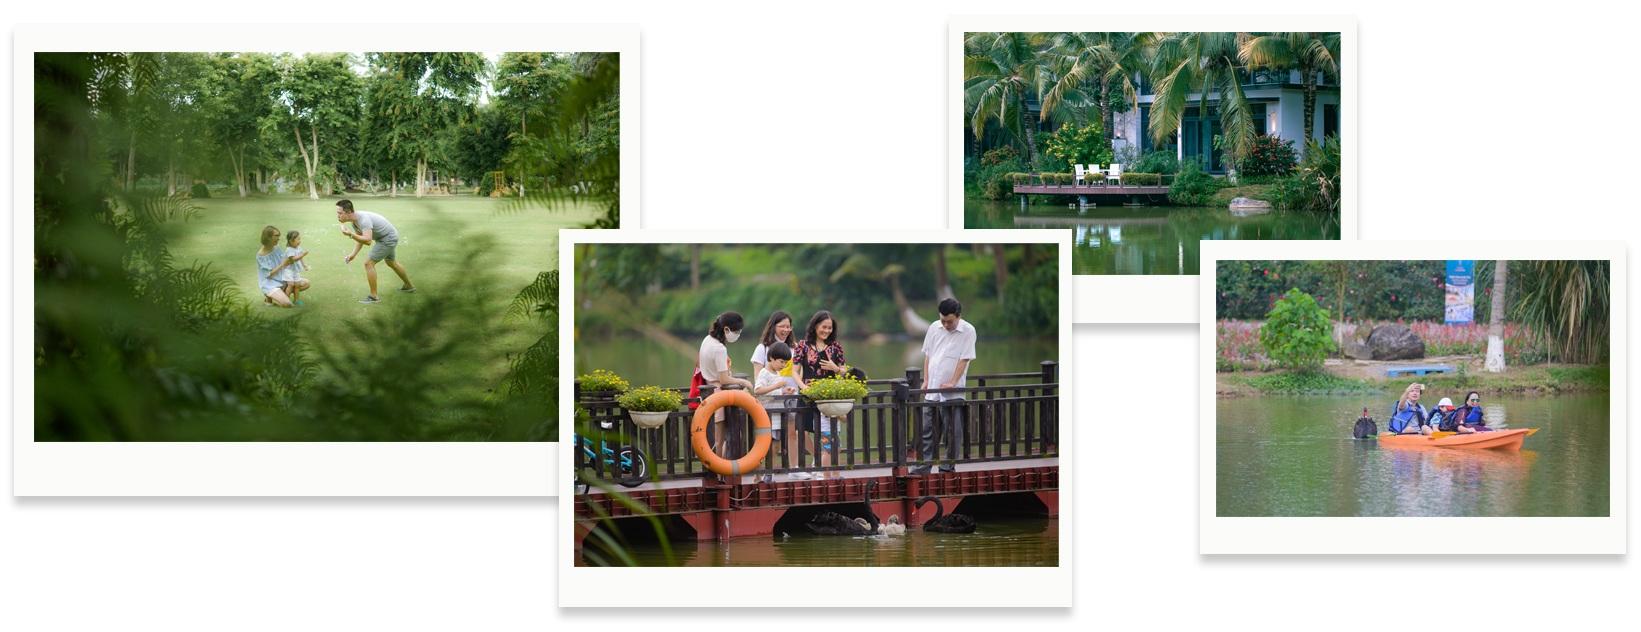 Ecopark - Thành phố của những nụ cười hạnh phúc - 10